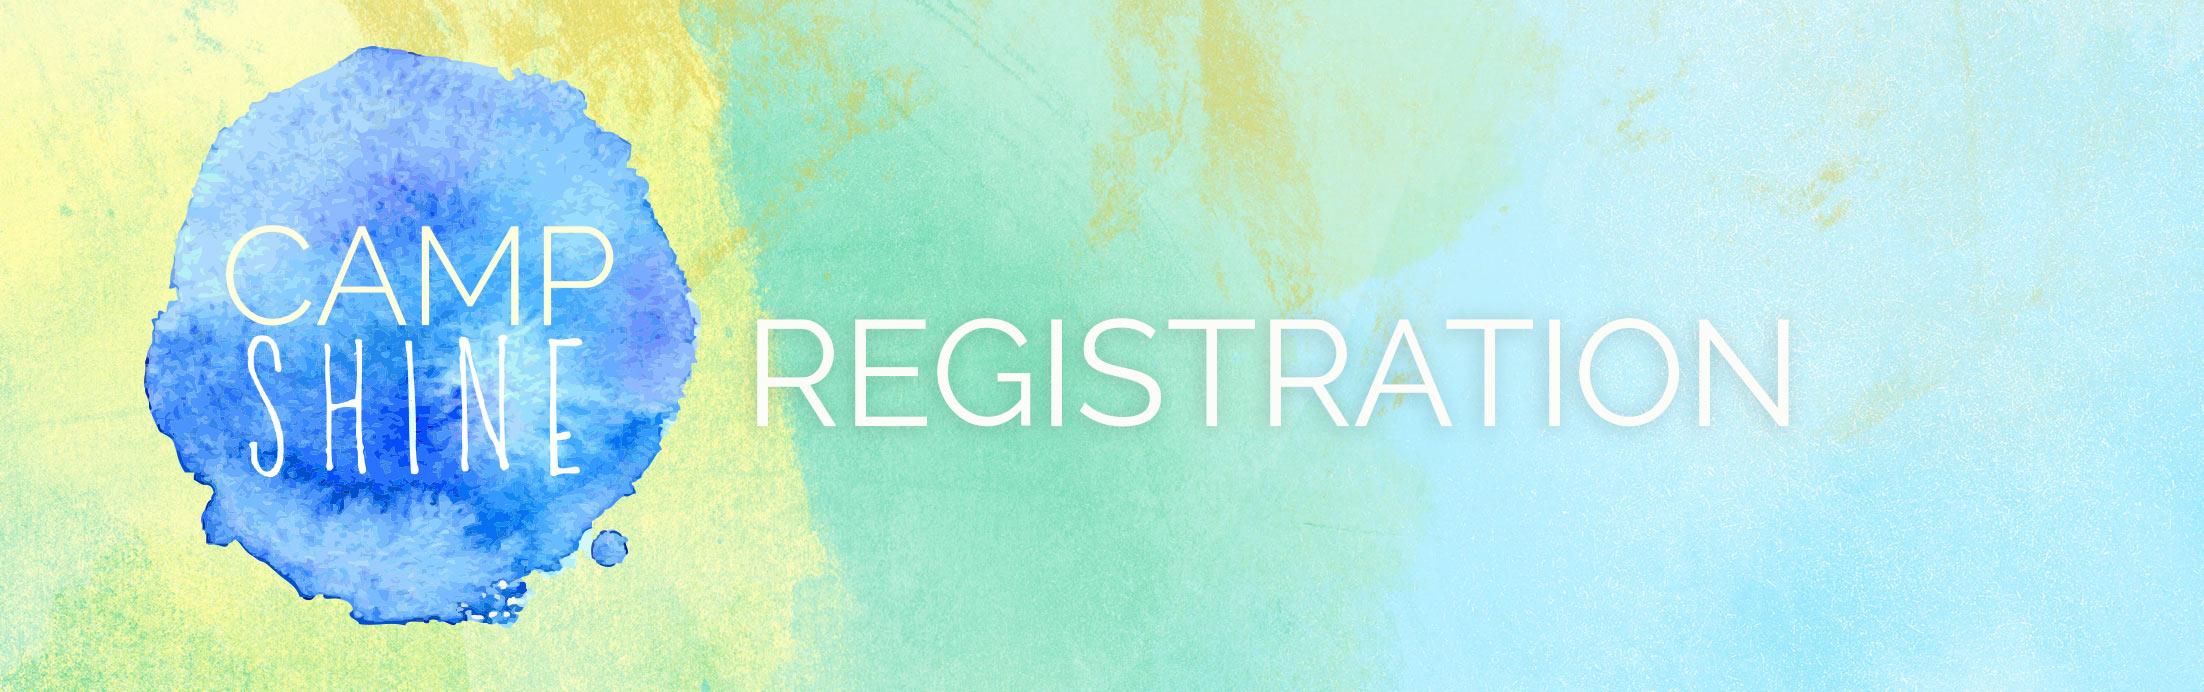 Camp SHINE Registration